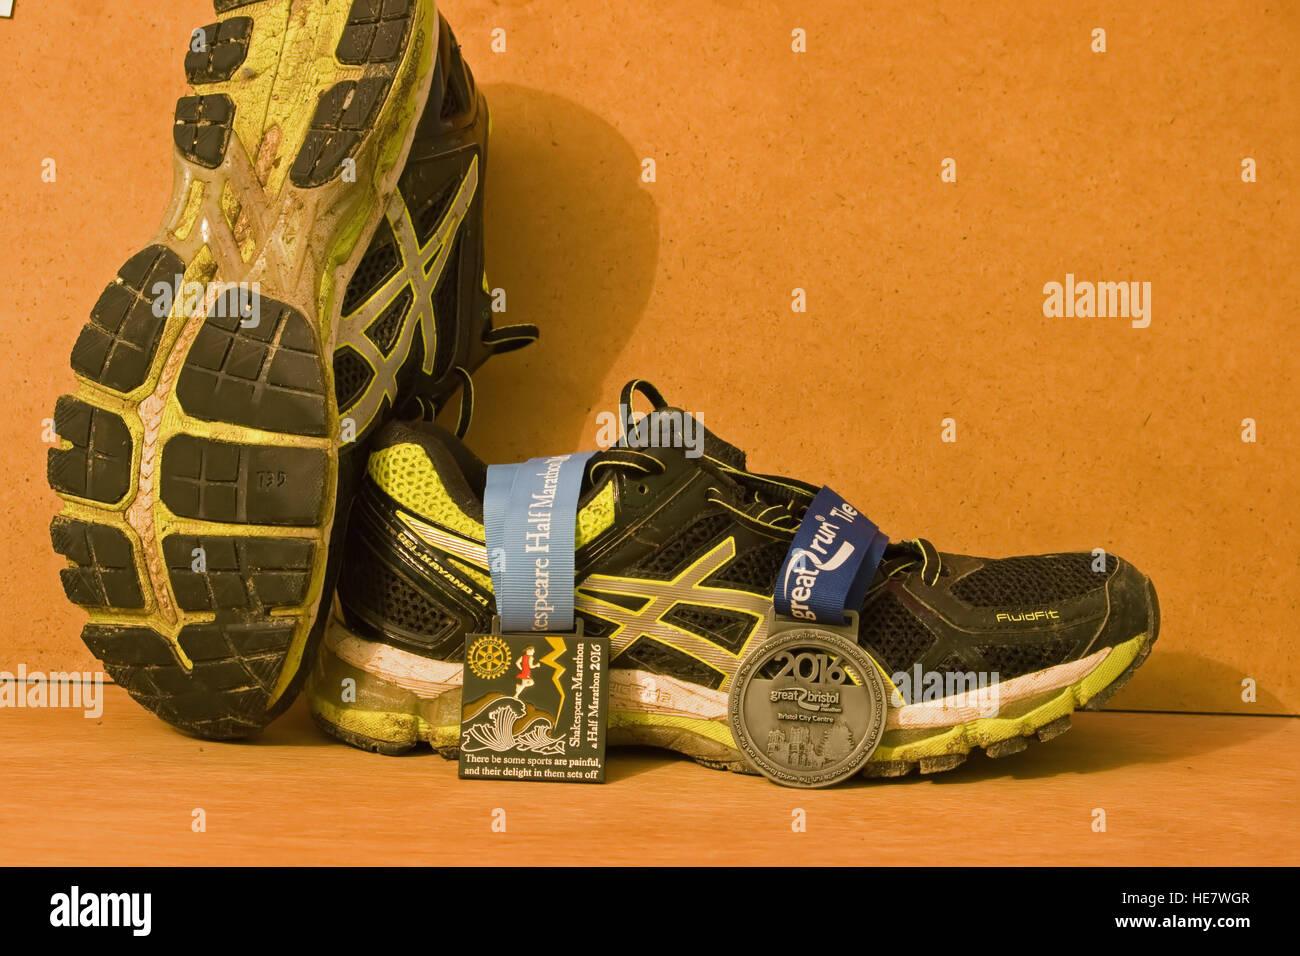 b5837065e7d8 asics running marathon. A pair of Asics running shoes ...